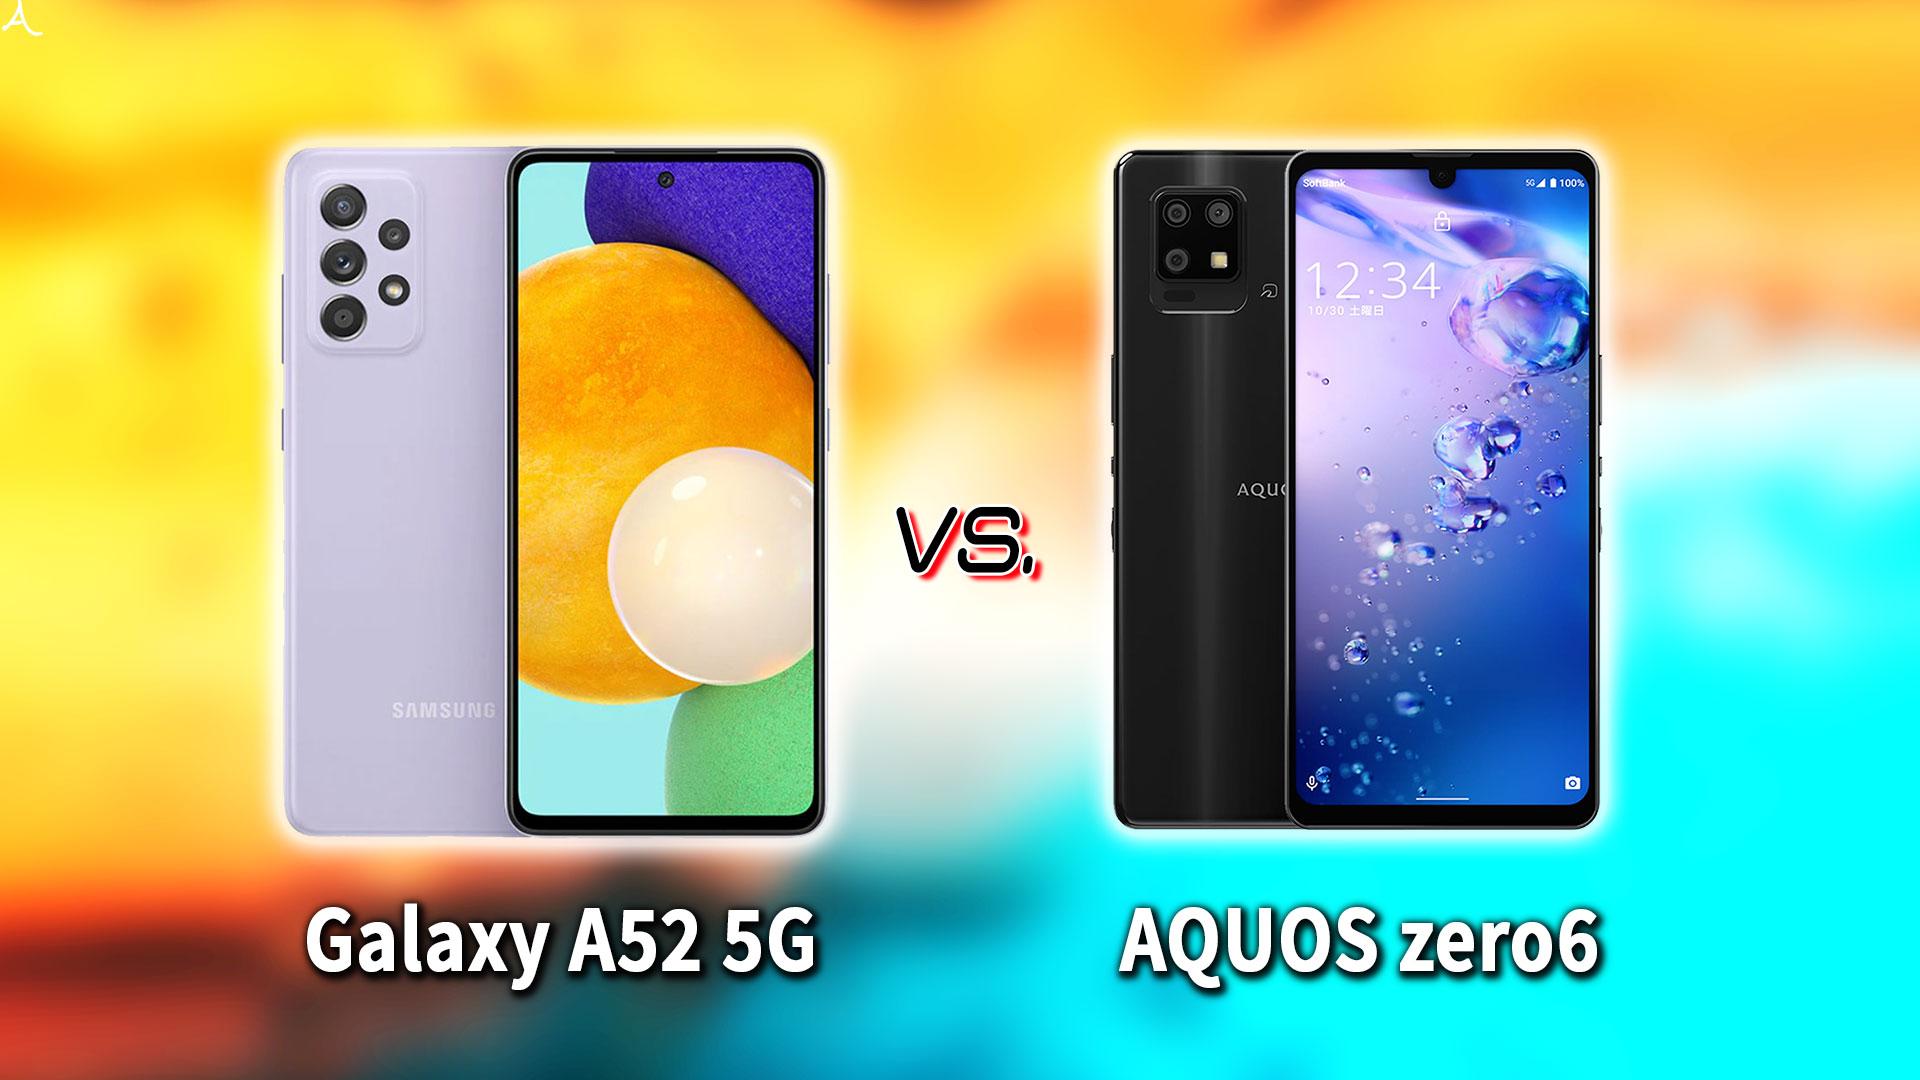 「Galaxy A52 5G」と「AQUOS zero6」の違いを比較:どっちを買う?